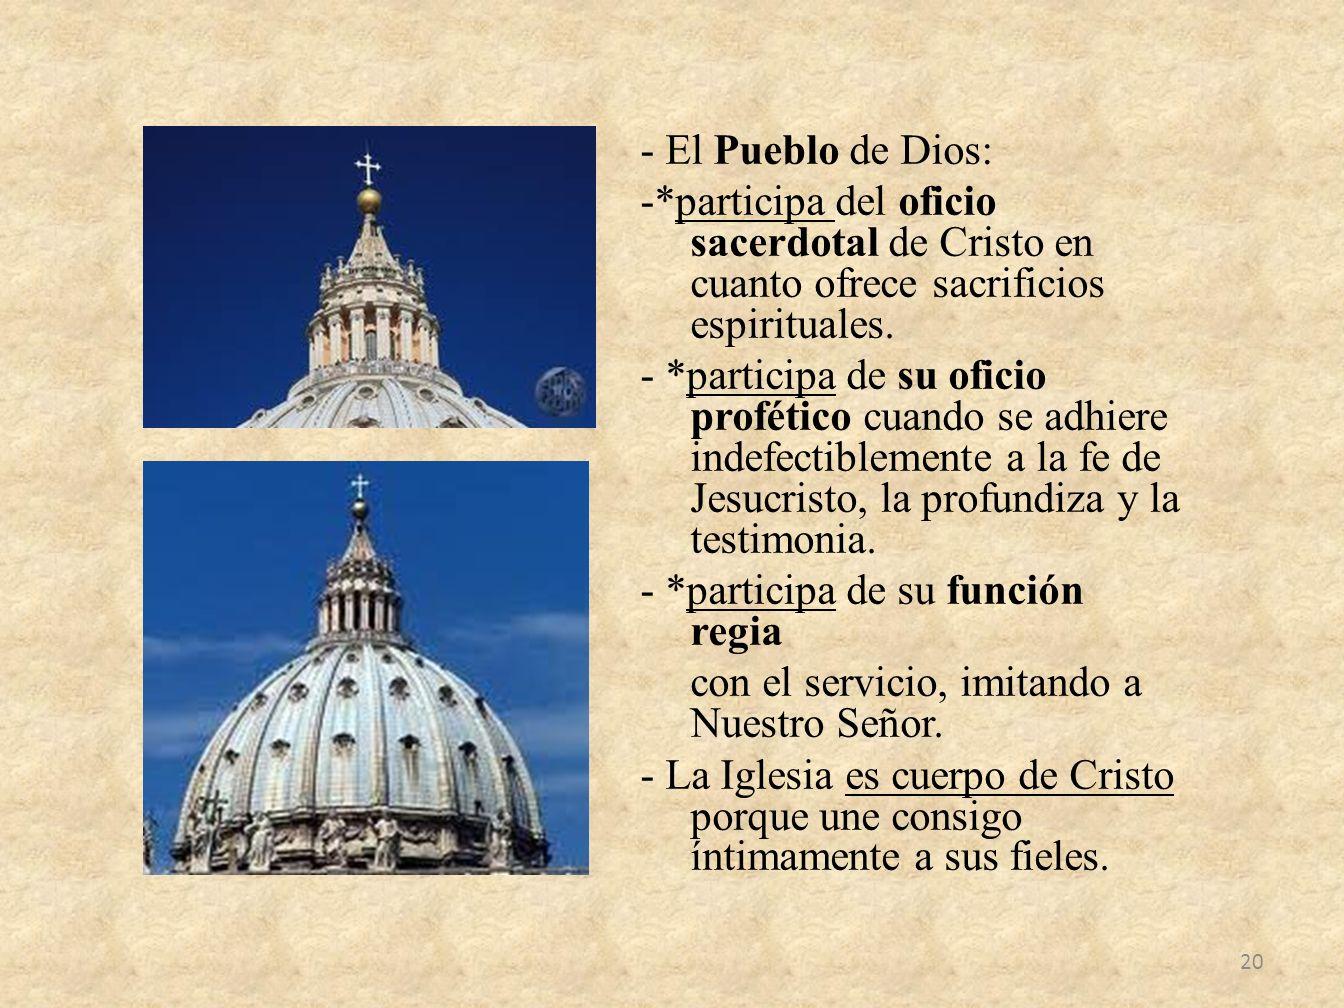 - El Pueblo de Dios: -*participa del oficio sacerdotal de Cristo en cuanto ofrece sacrificios espirituales.